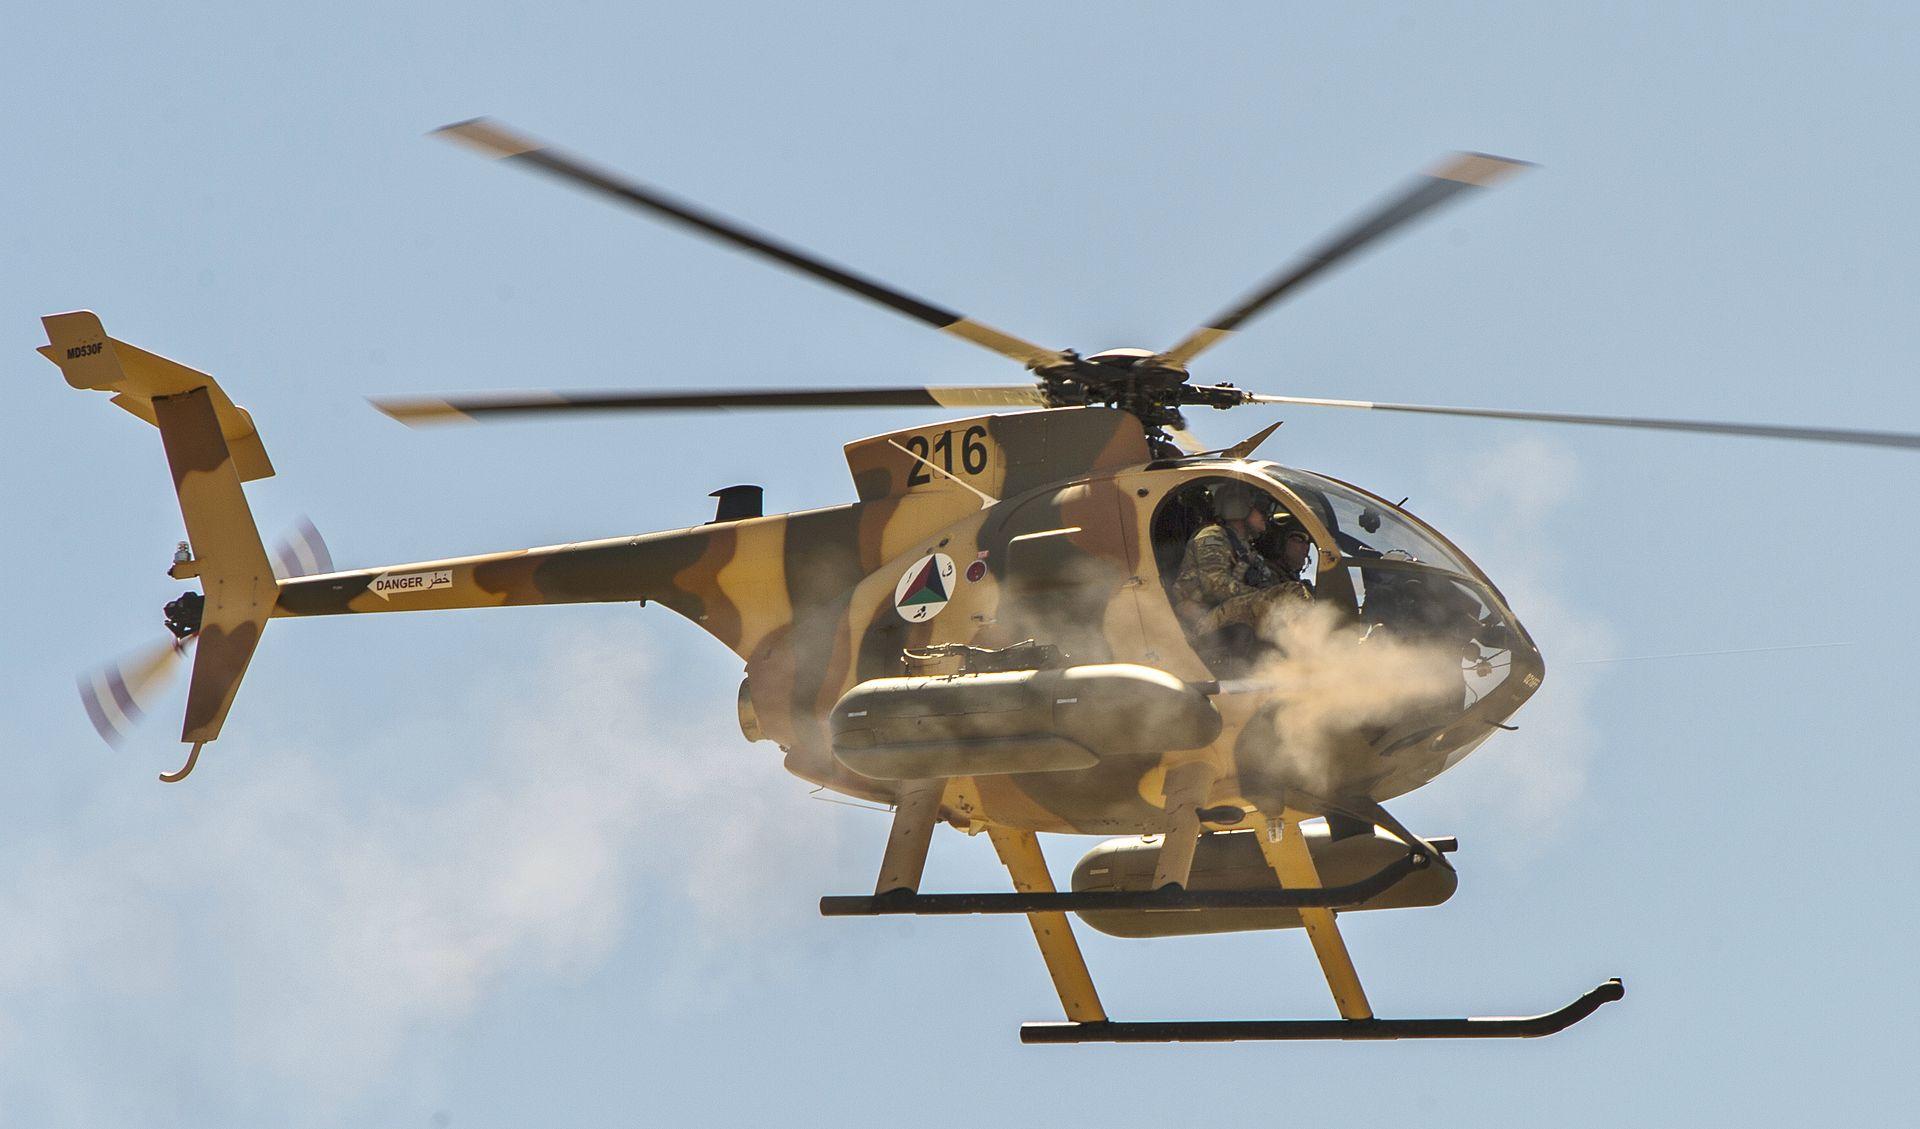 Легкий боевой вертолет MD Helicopters MD-530F Cayuse Warrior ВВС Афганистана ведет огонь из подвесных 12,7-мм пулеметных контейнеров FN M3P во время публичной демонстрации близ Кабула, 09.04.2015.